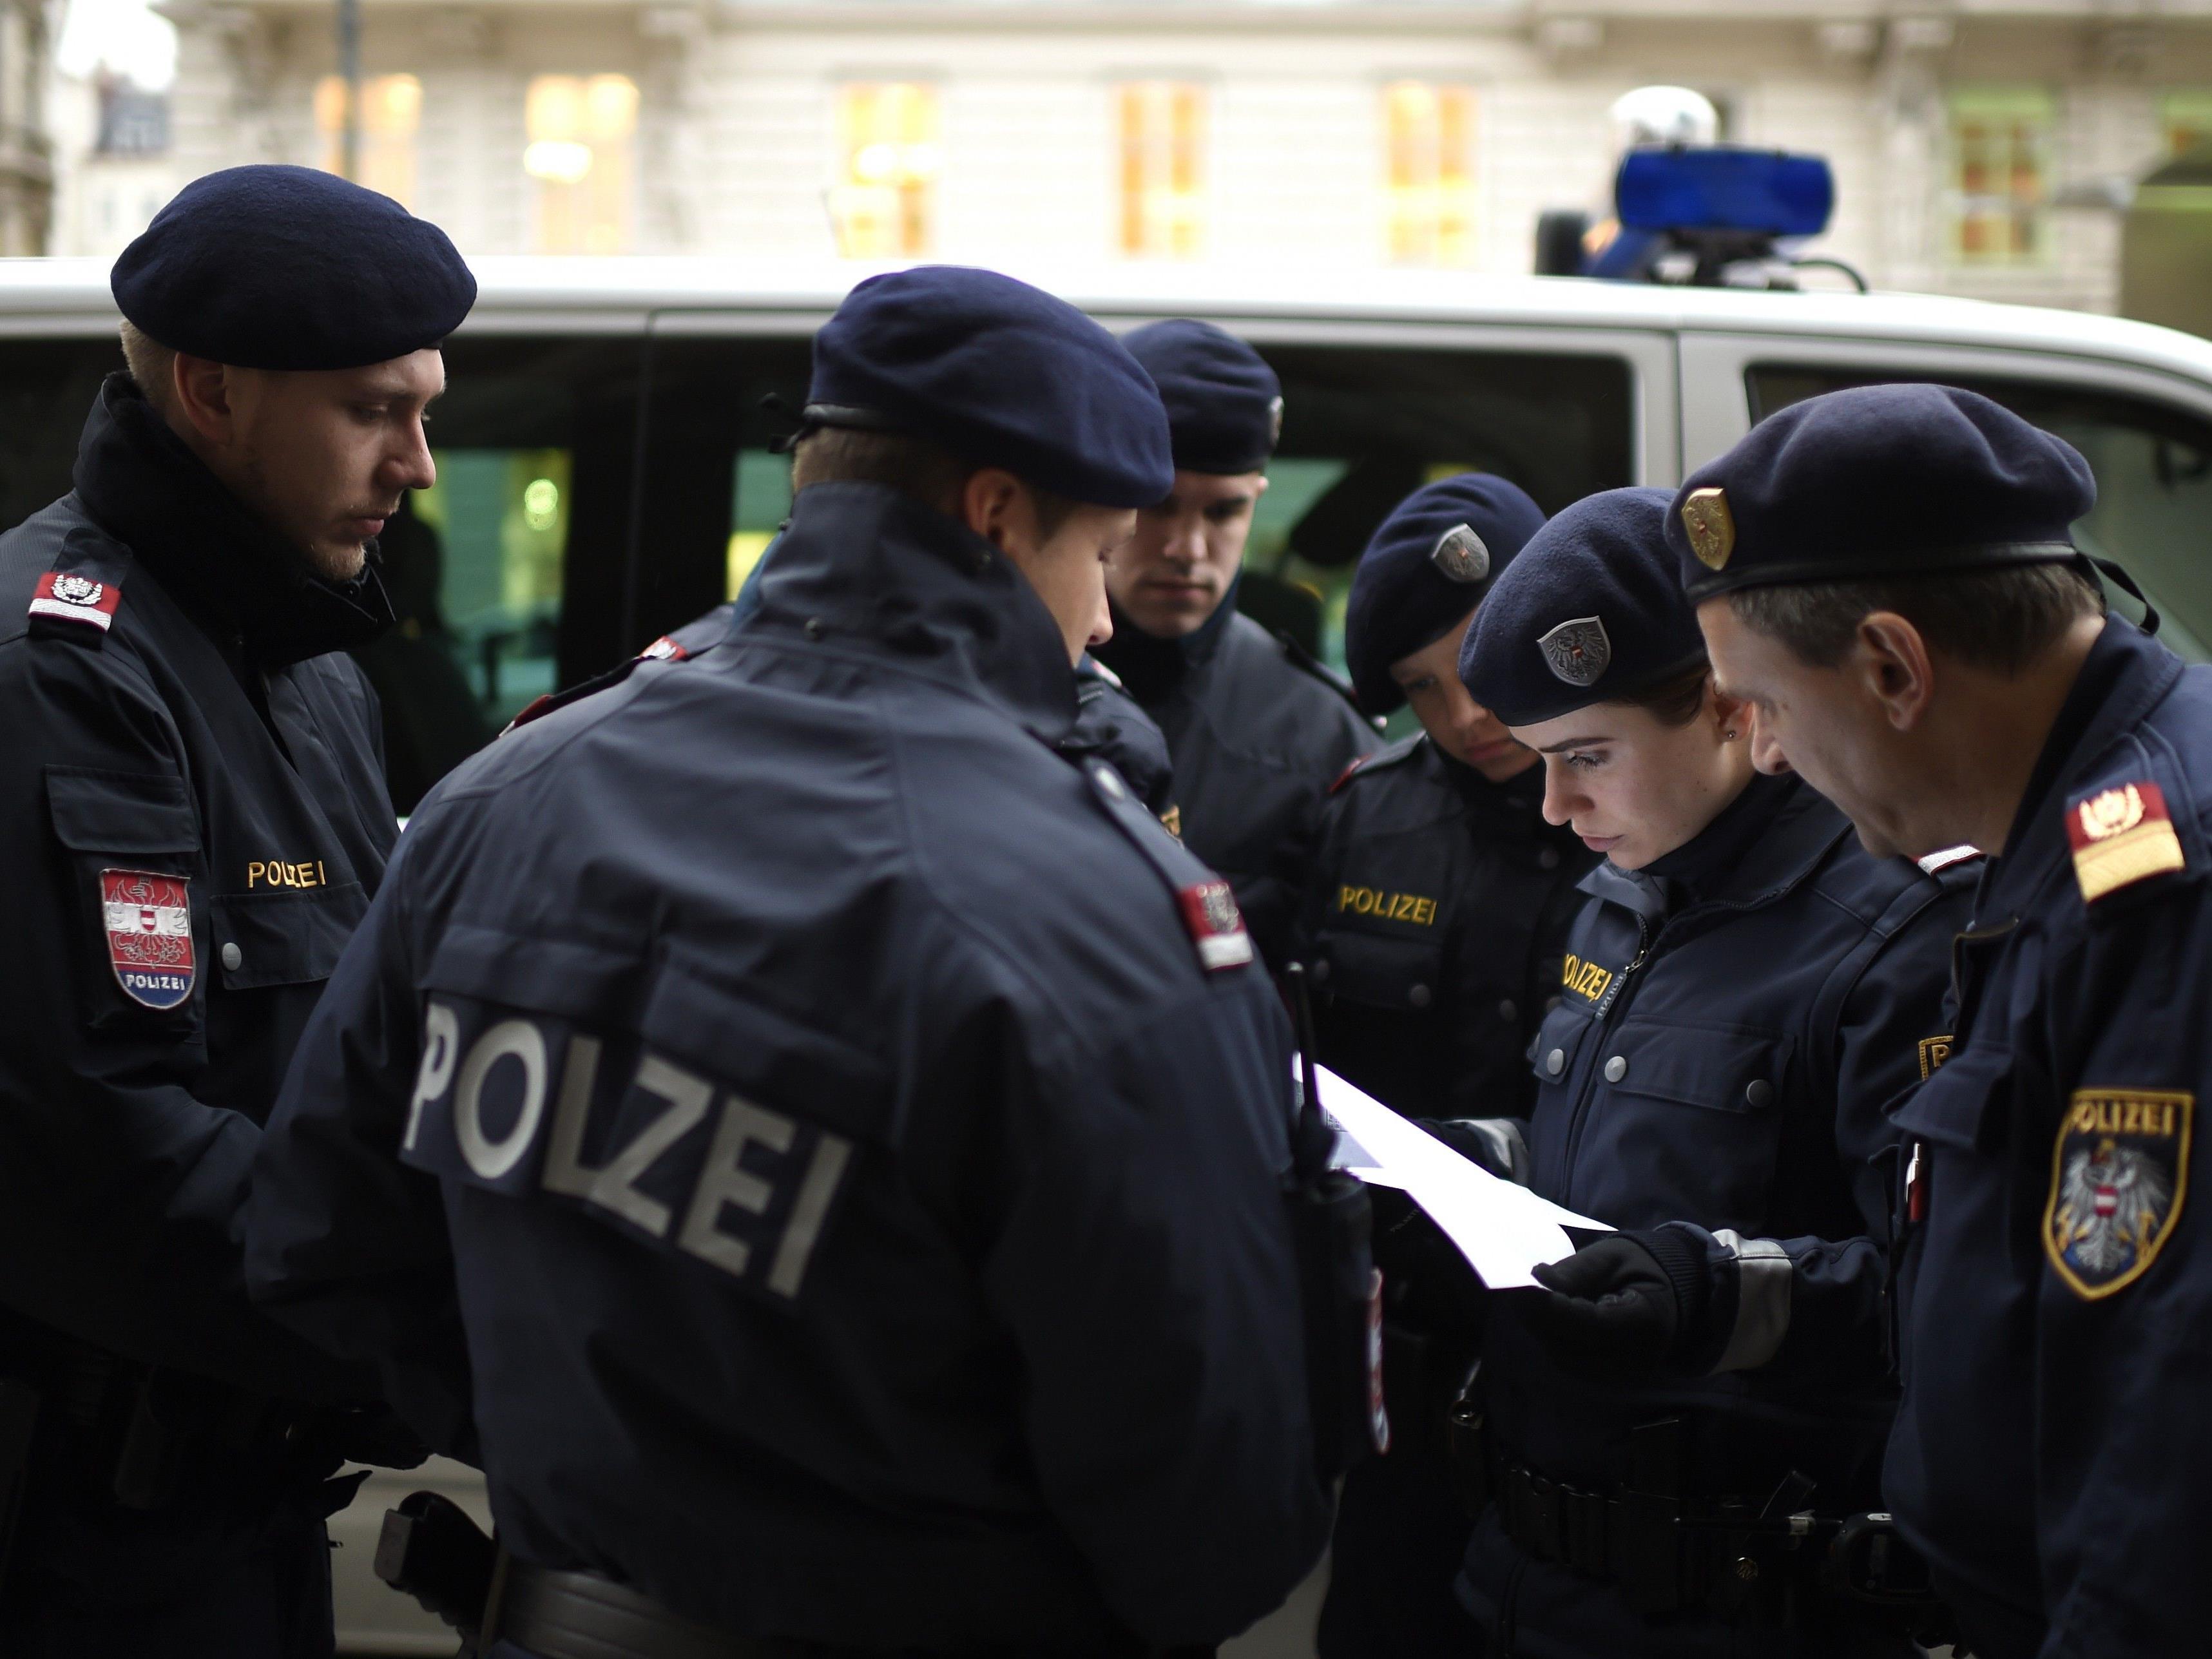 Die Polizei fahndet nach einem derzeit noch unbekannten Dieb